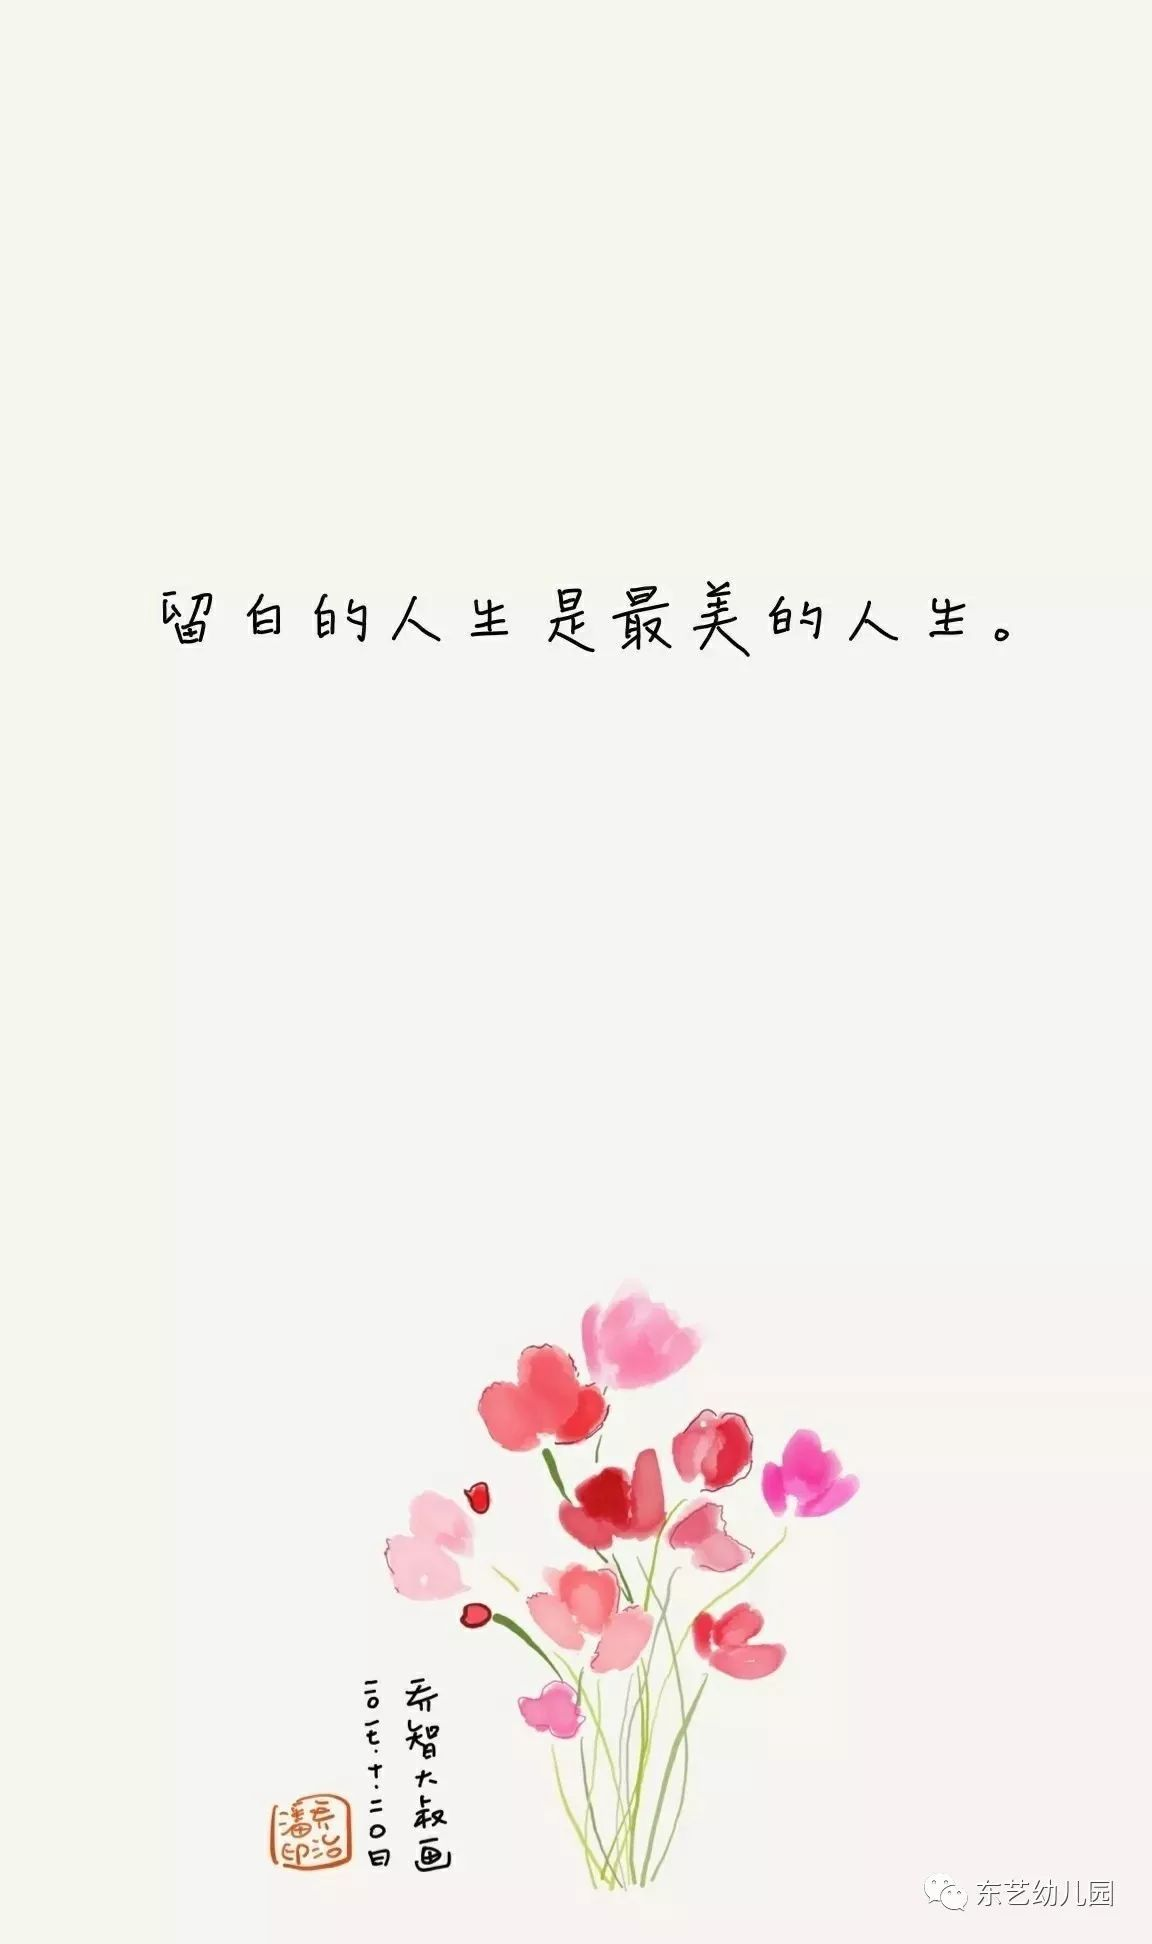 人生需要留白唯美句子